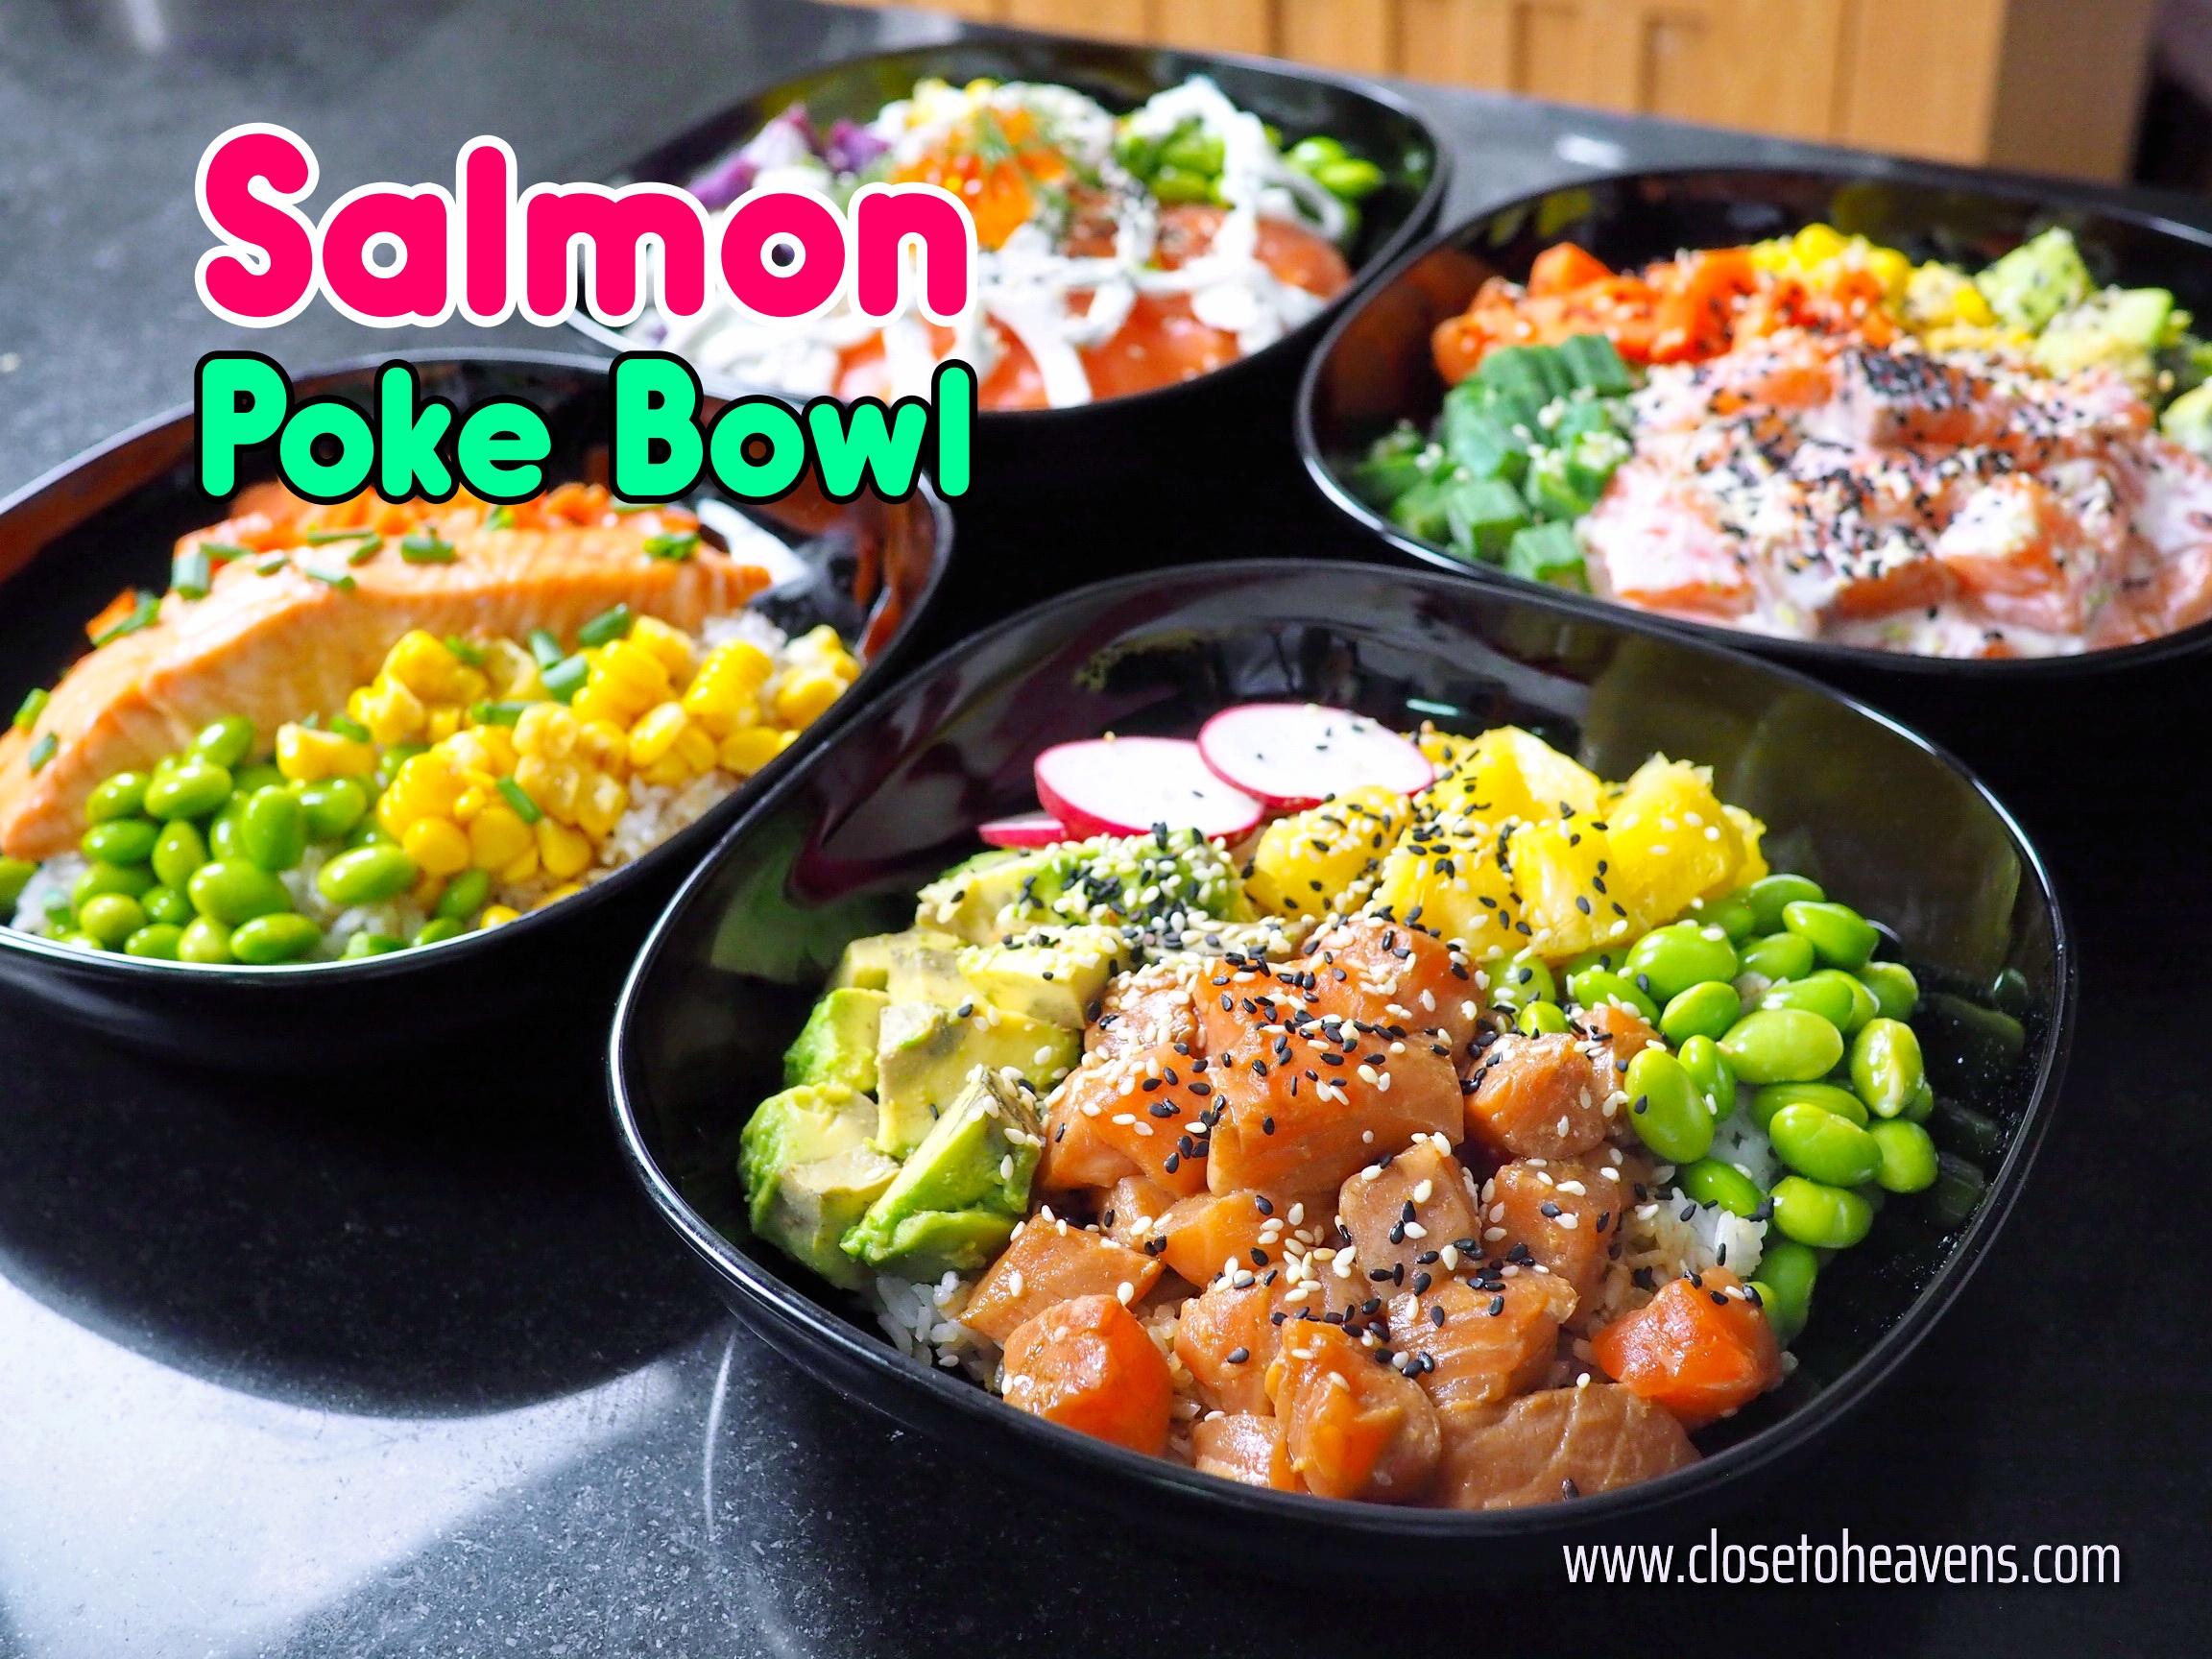 สูตร และ วิธีทำ Salmon Poke Bowl 4 แบบ